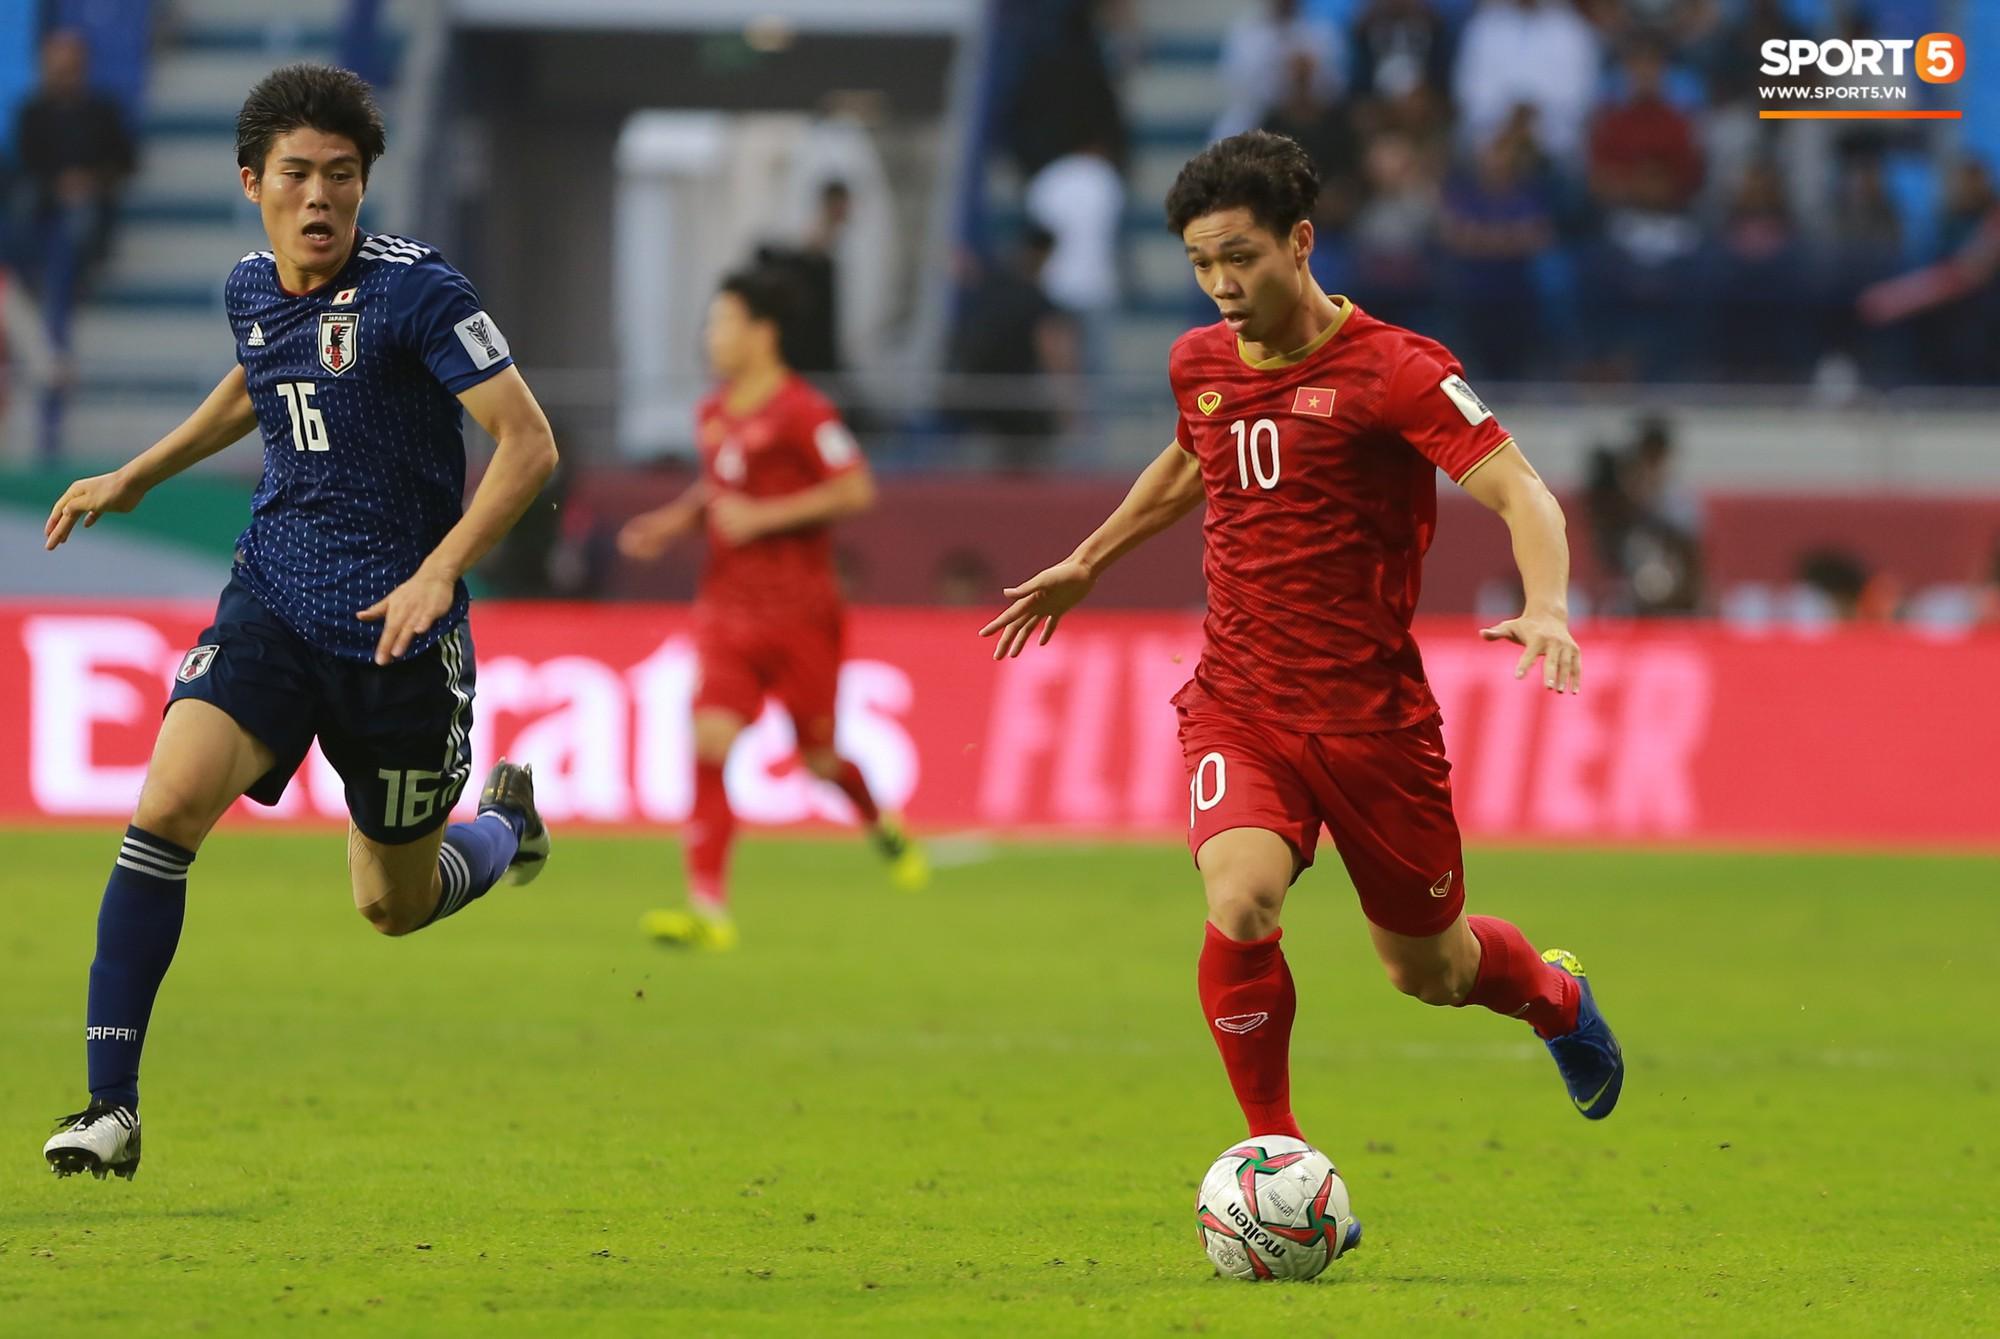 Báo Hàn Quốc: Công Phượng đủ tố chất để chơi bóng tại K.League - Ảnh 1.